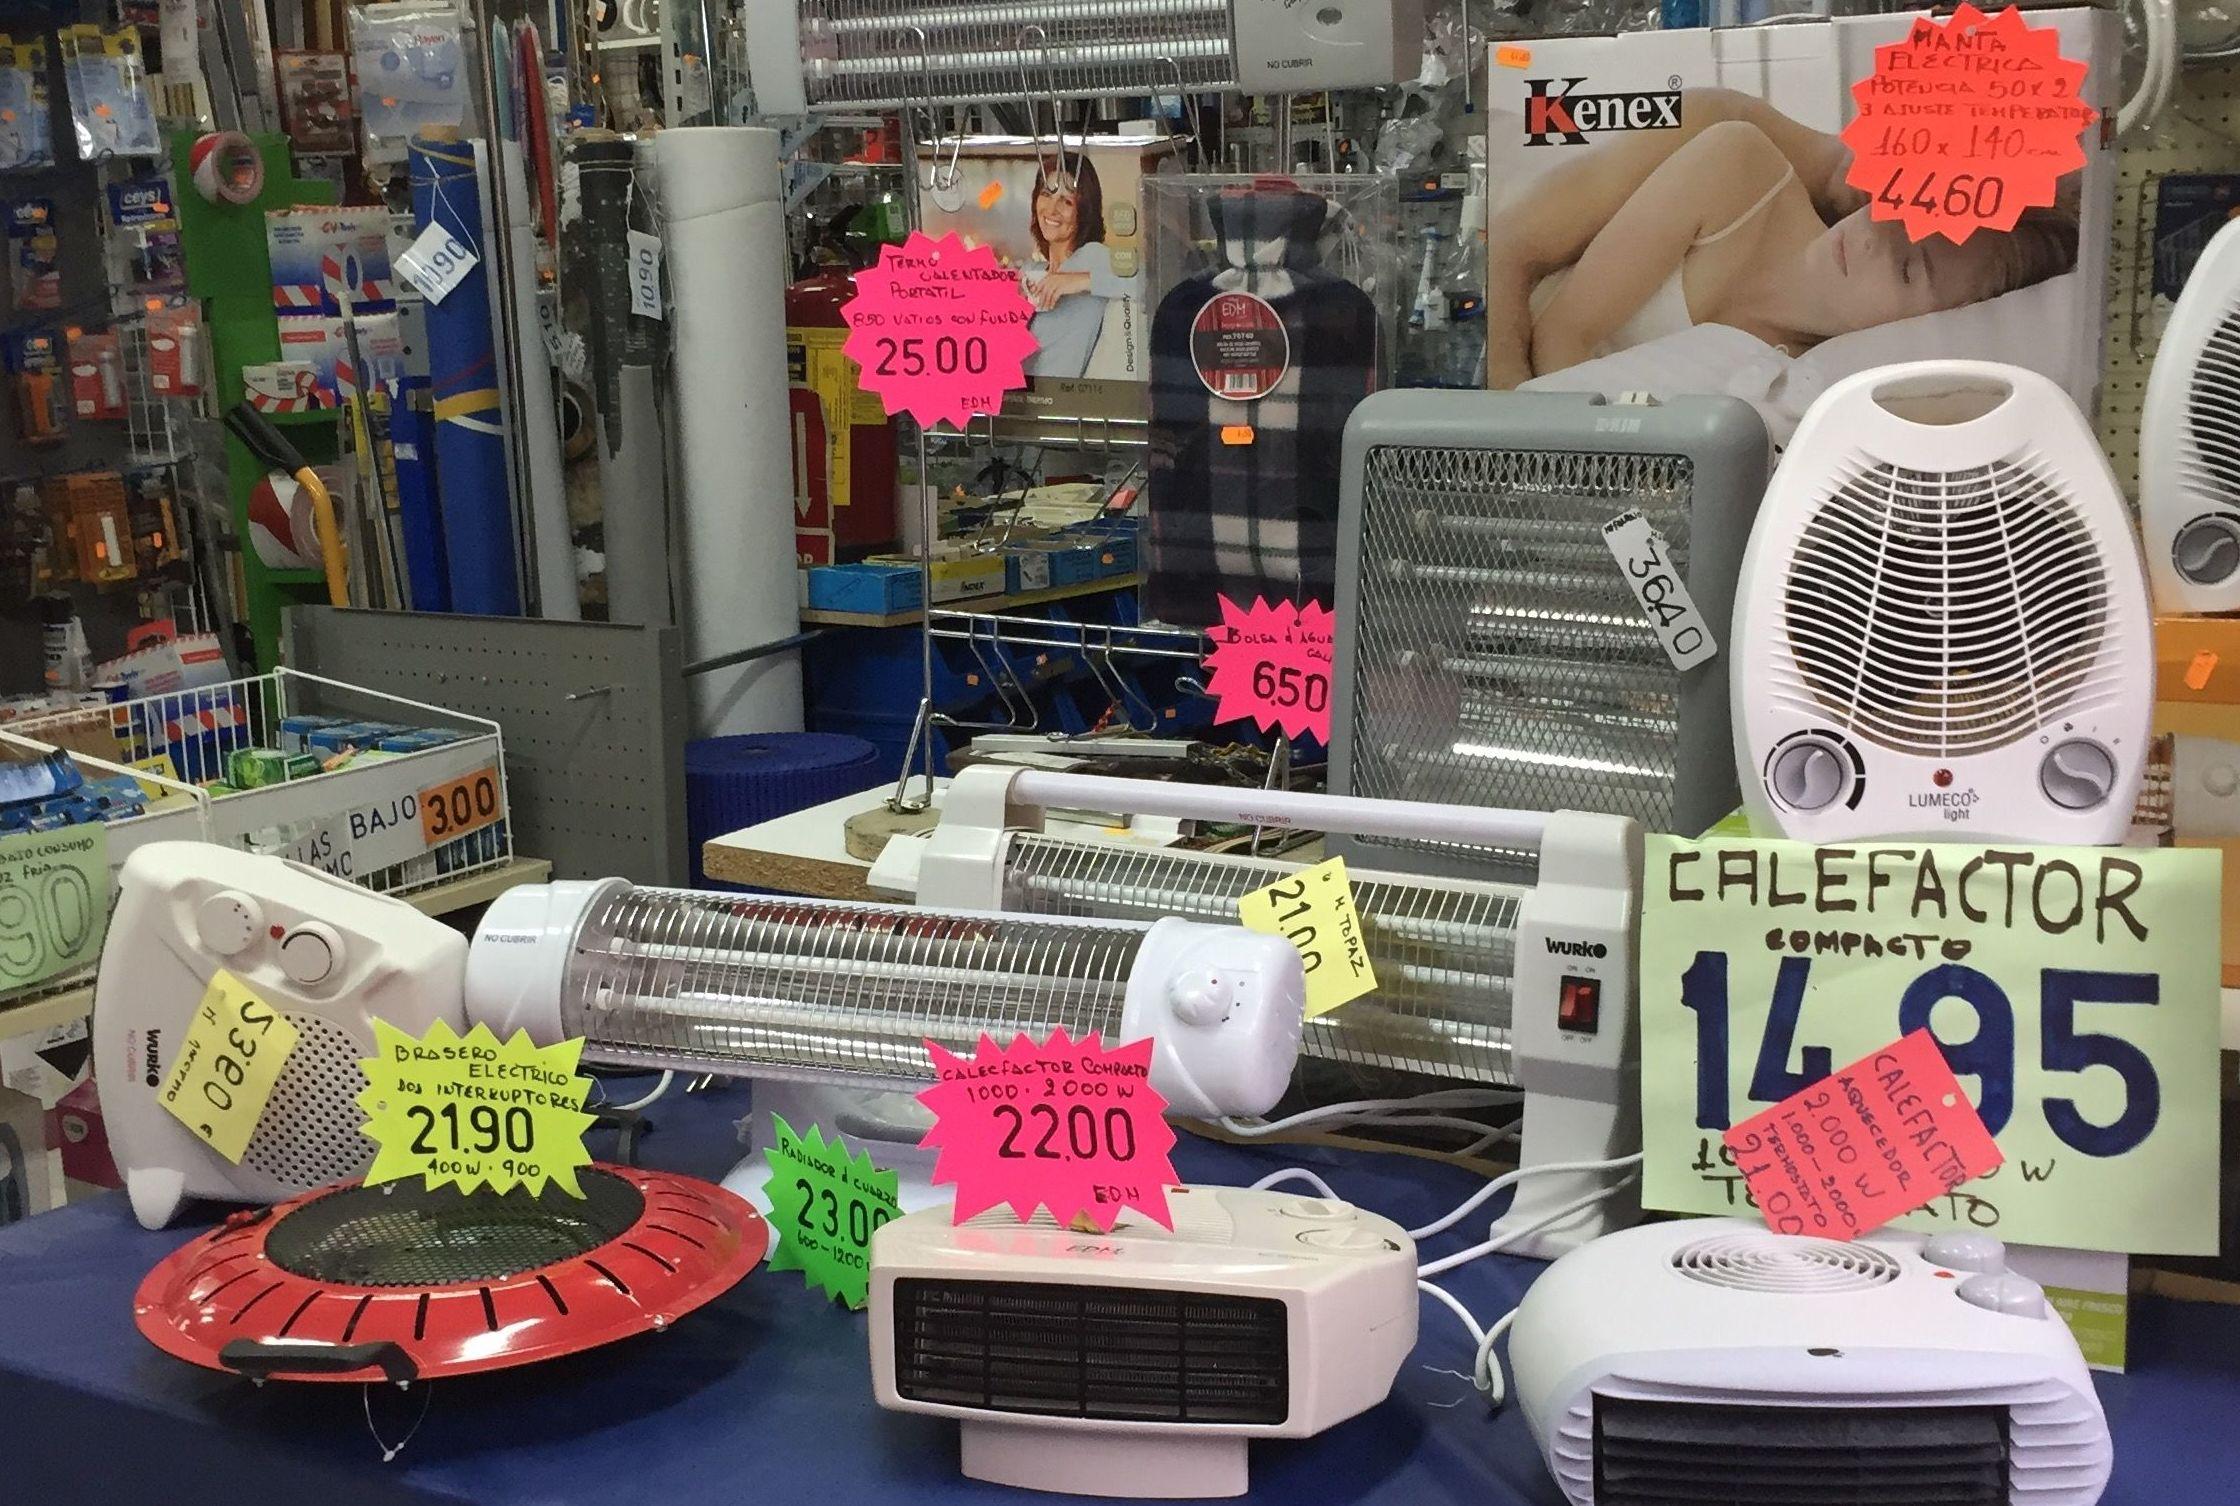 Calefacción : Productos y servicios de Ferretería Mendoza